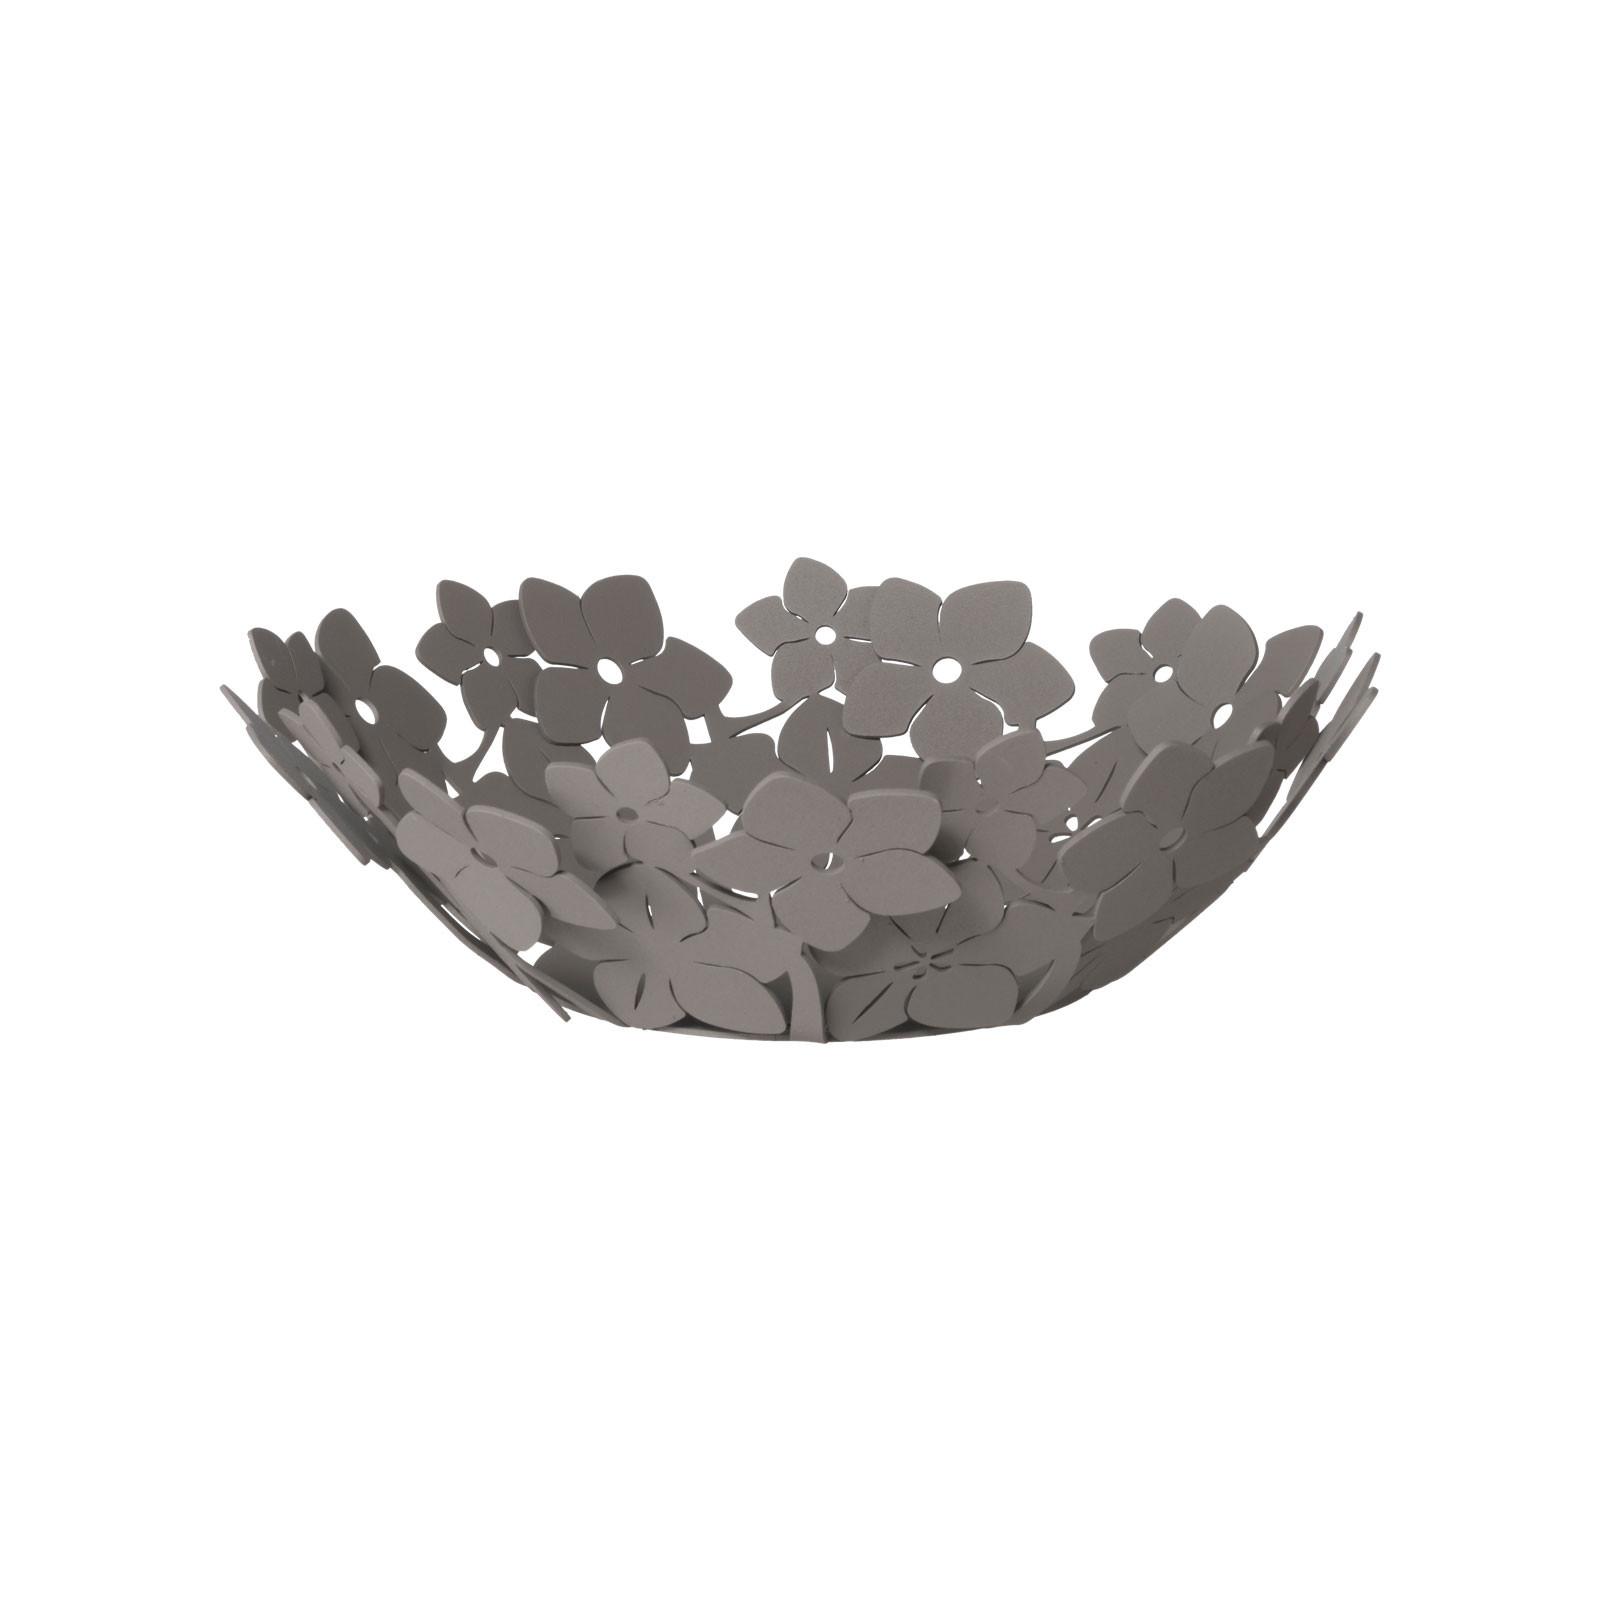 Arti /& Mestieri 3330C158 Portatovaglioli Basso Floreale Fior Di Loto 17x17Px12H cm Materiale Ferro Colore Bianco Marmo